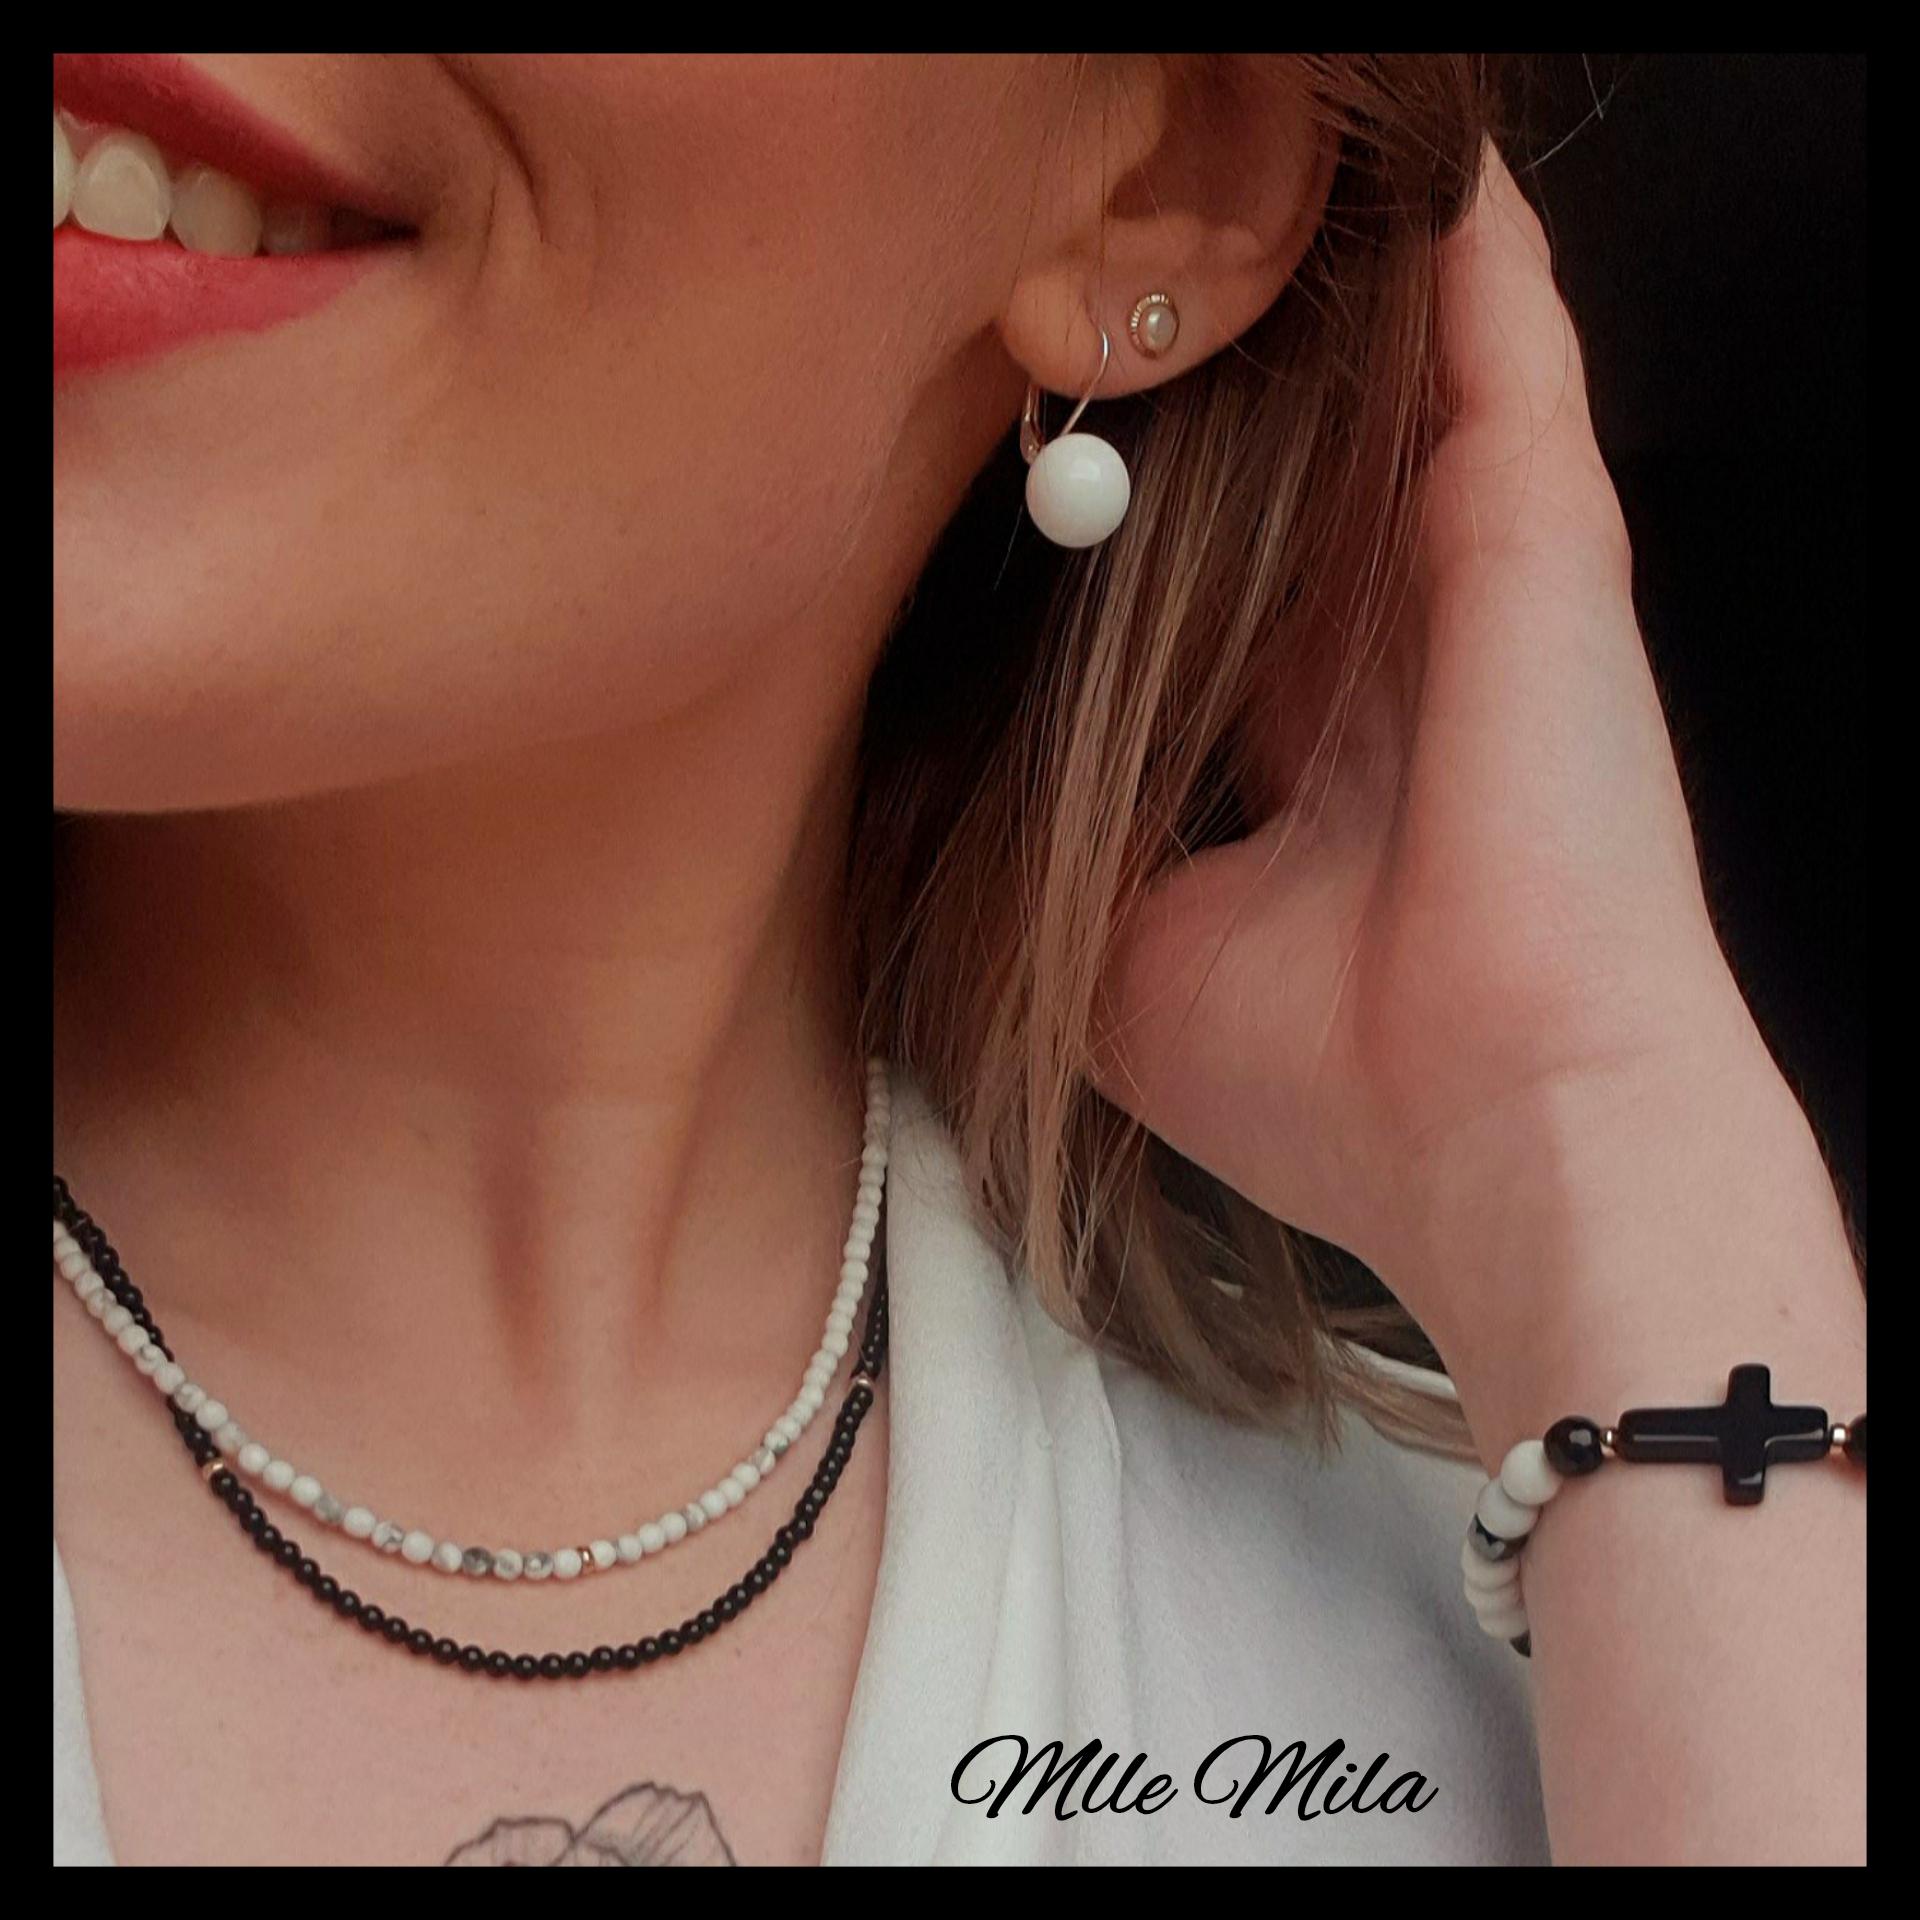 Galerie d'image - Mlle Mila